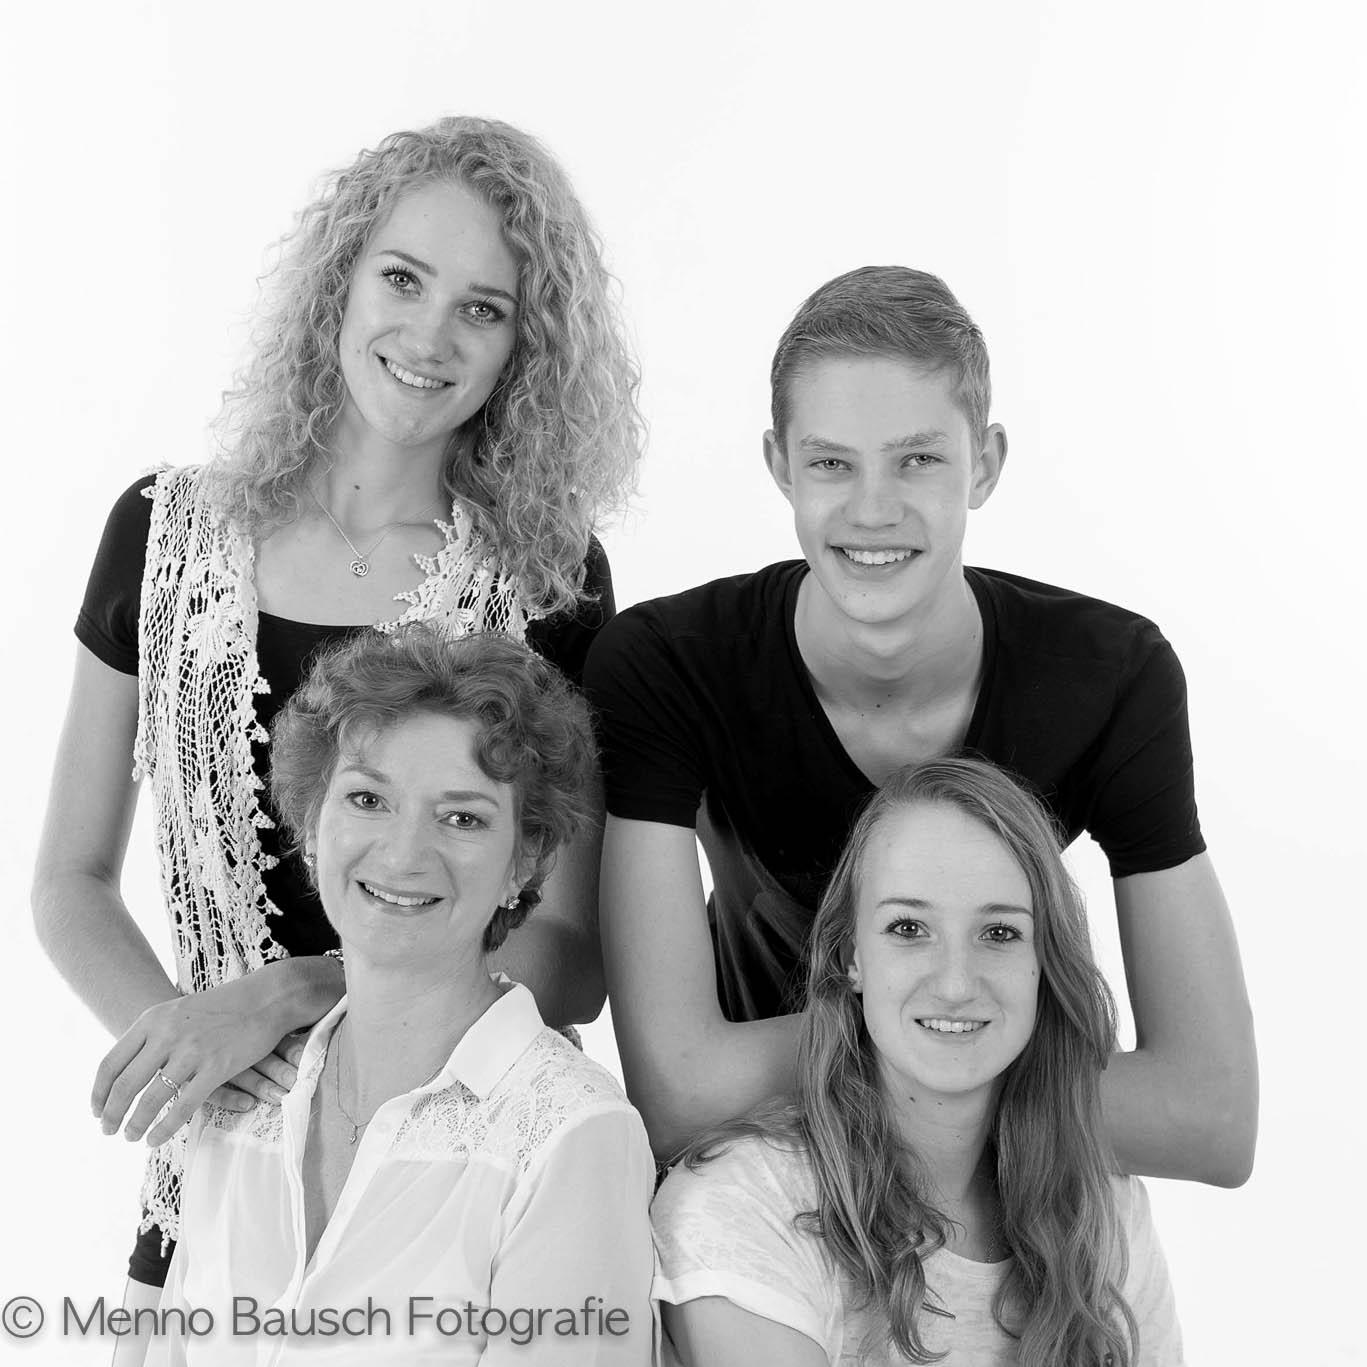 Menno Bausch Fotografie54